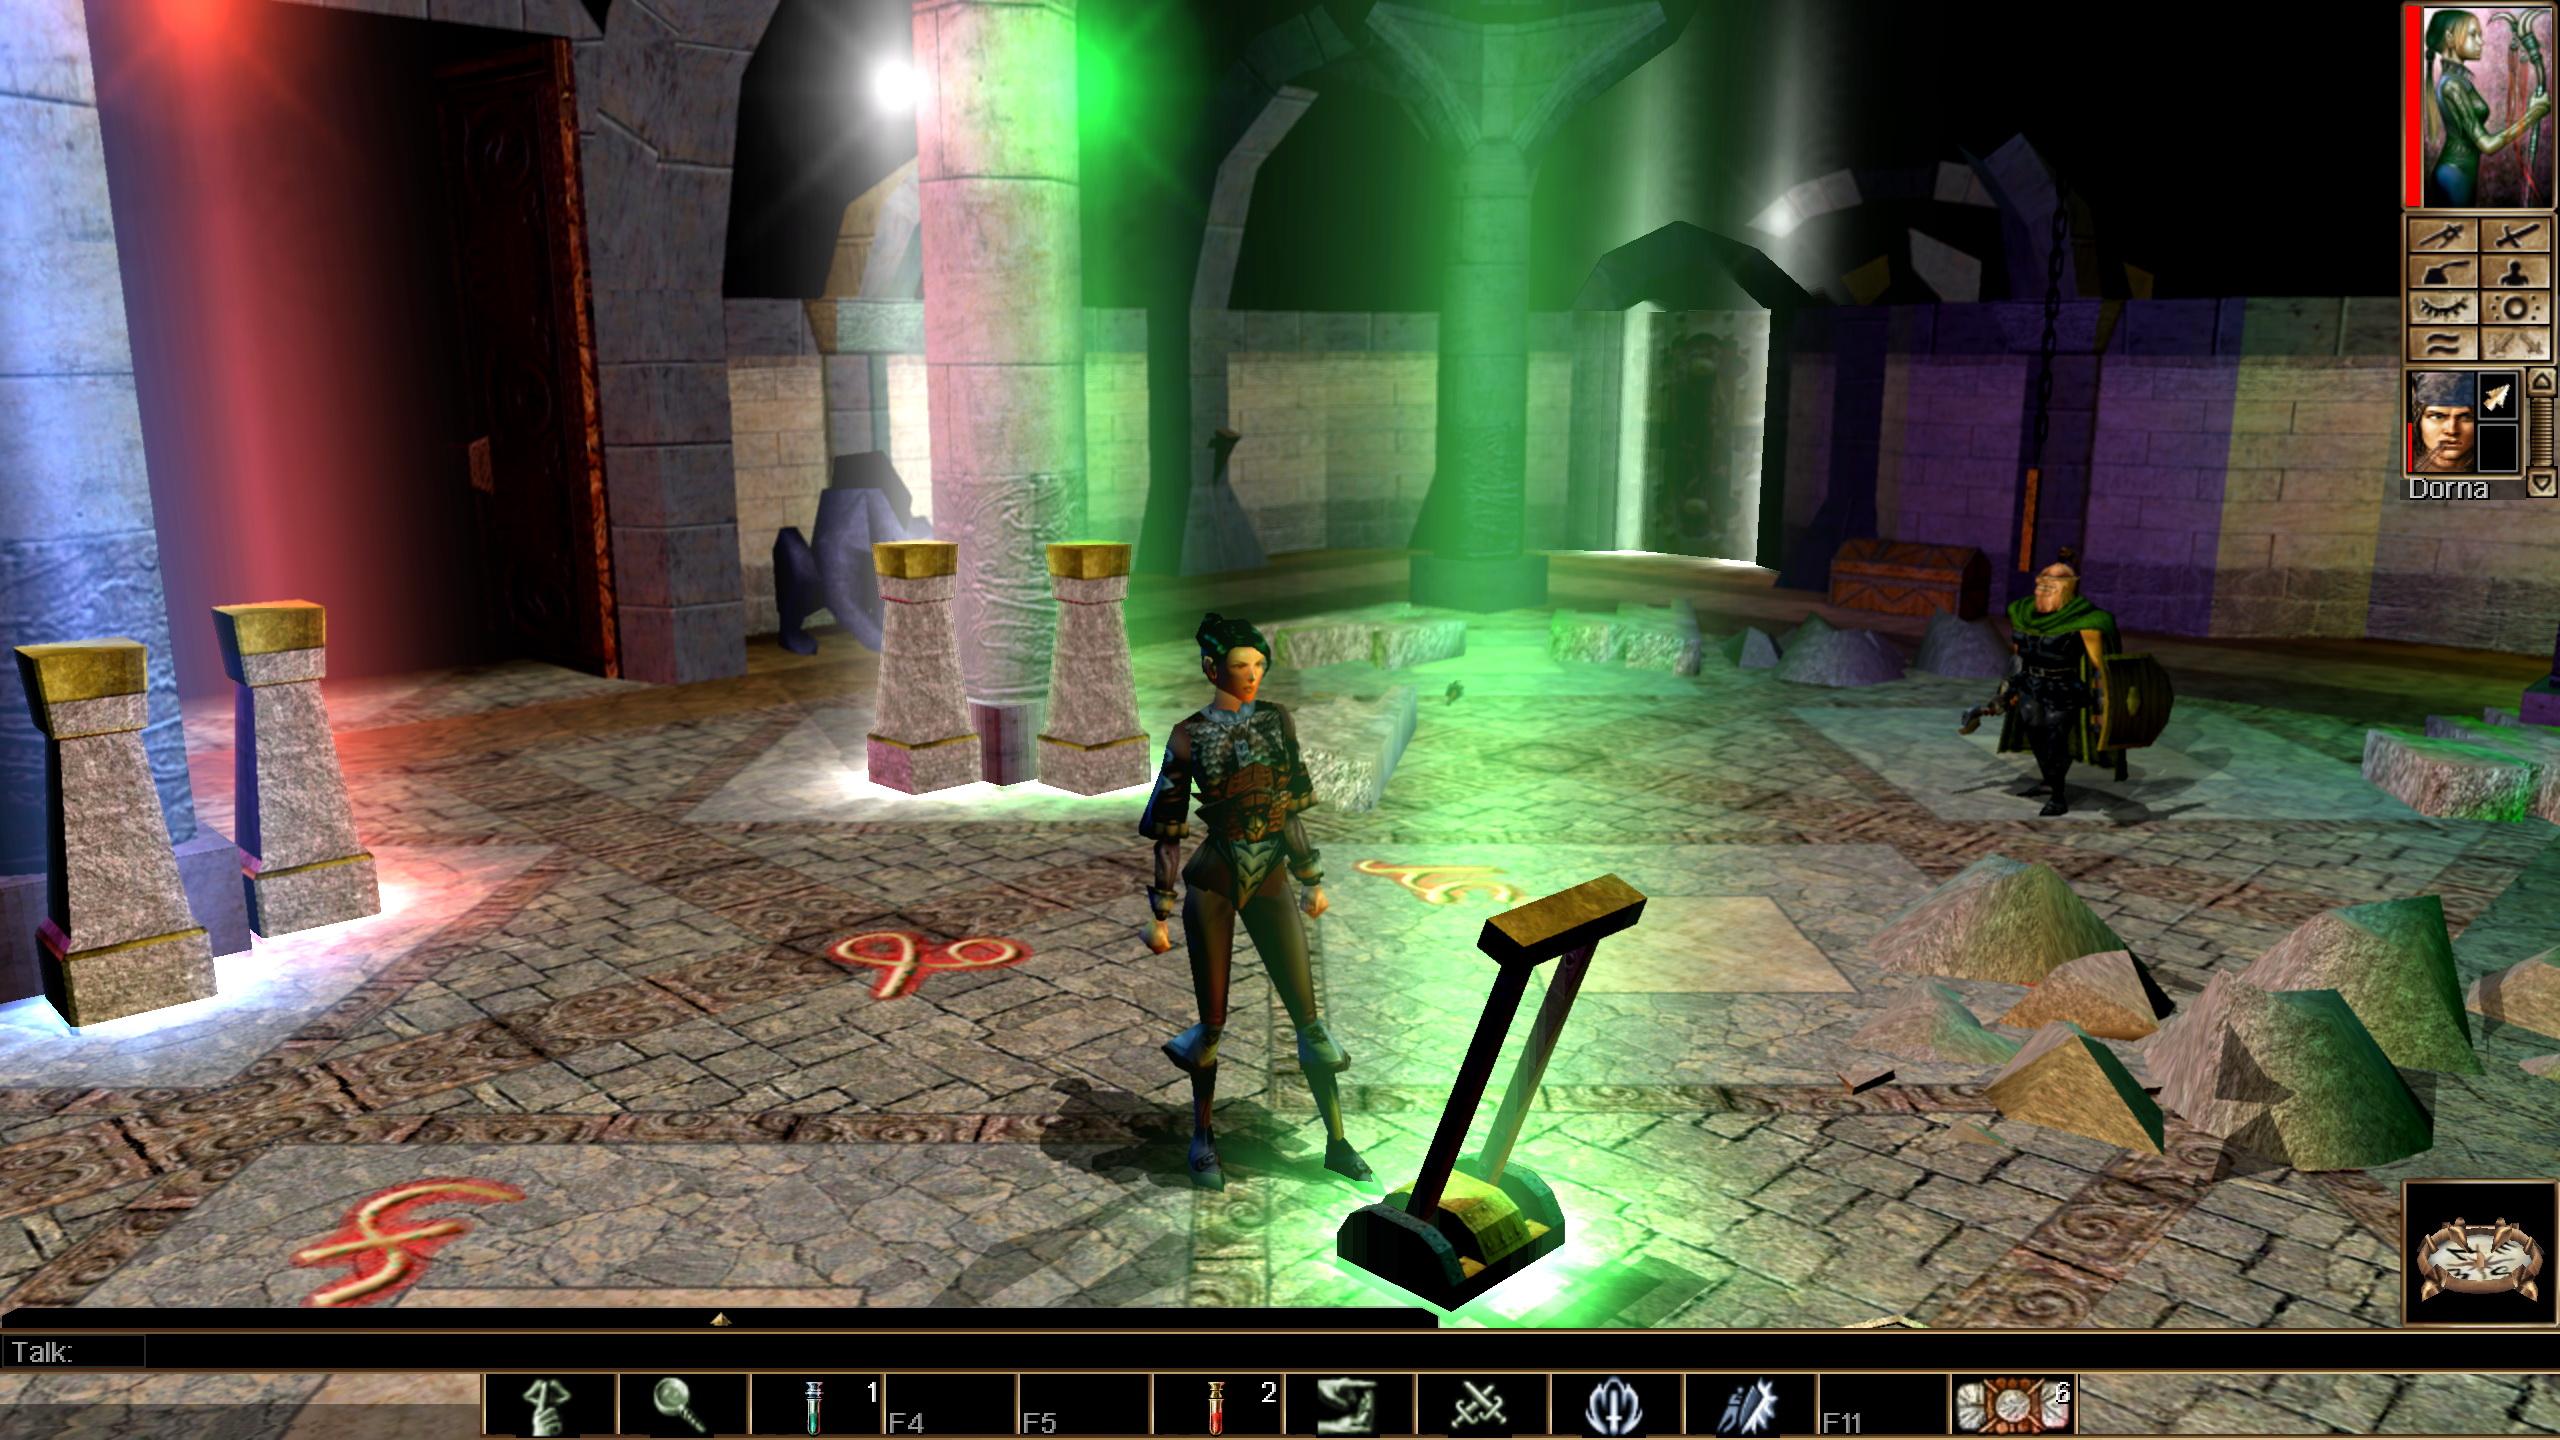 Игра в которой герой попадает в прошлое с мощным оружием из будущего